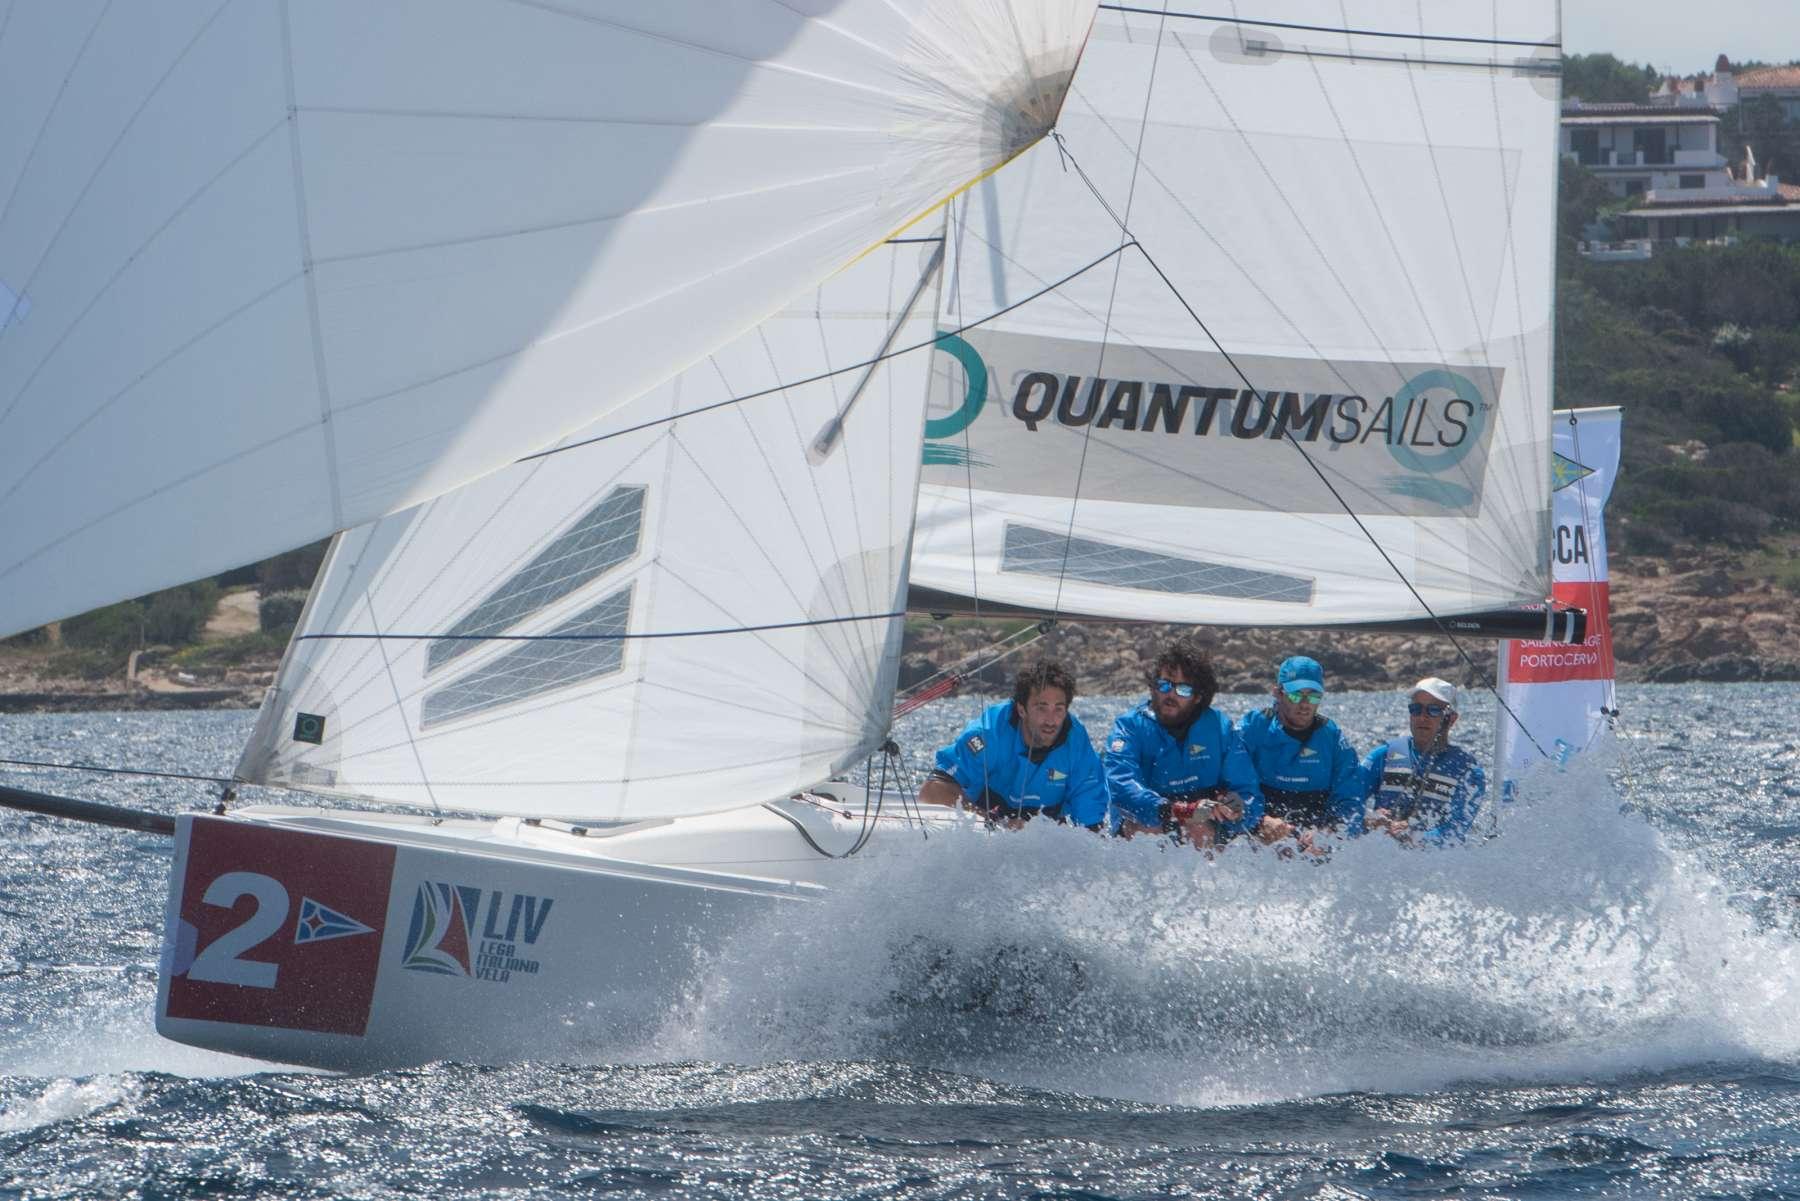 Prima giornata dell'Audi - Italian Sailing League - NEWS - Yacht Club Costa Smeralda